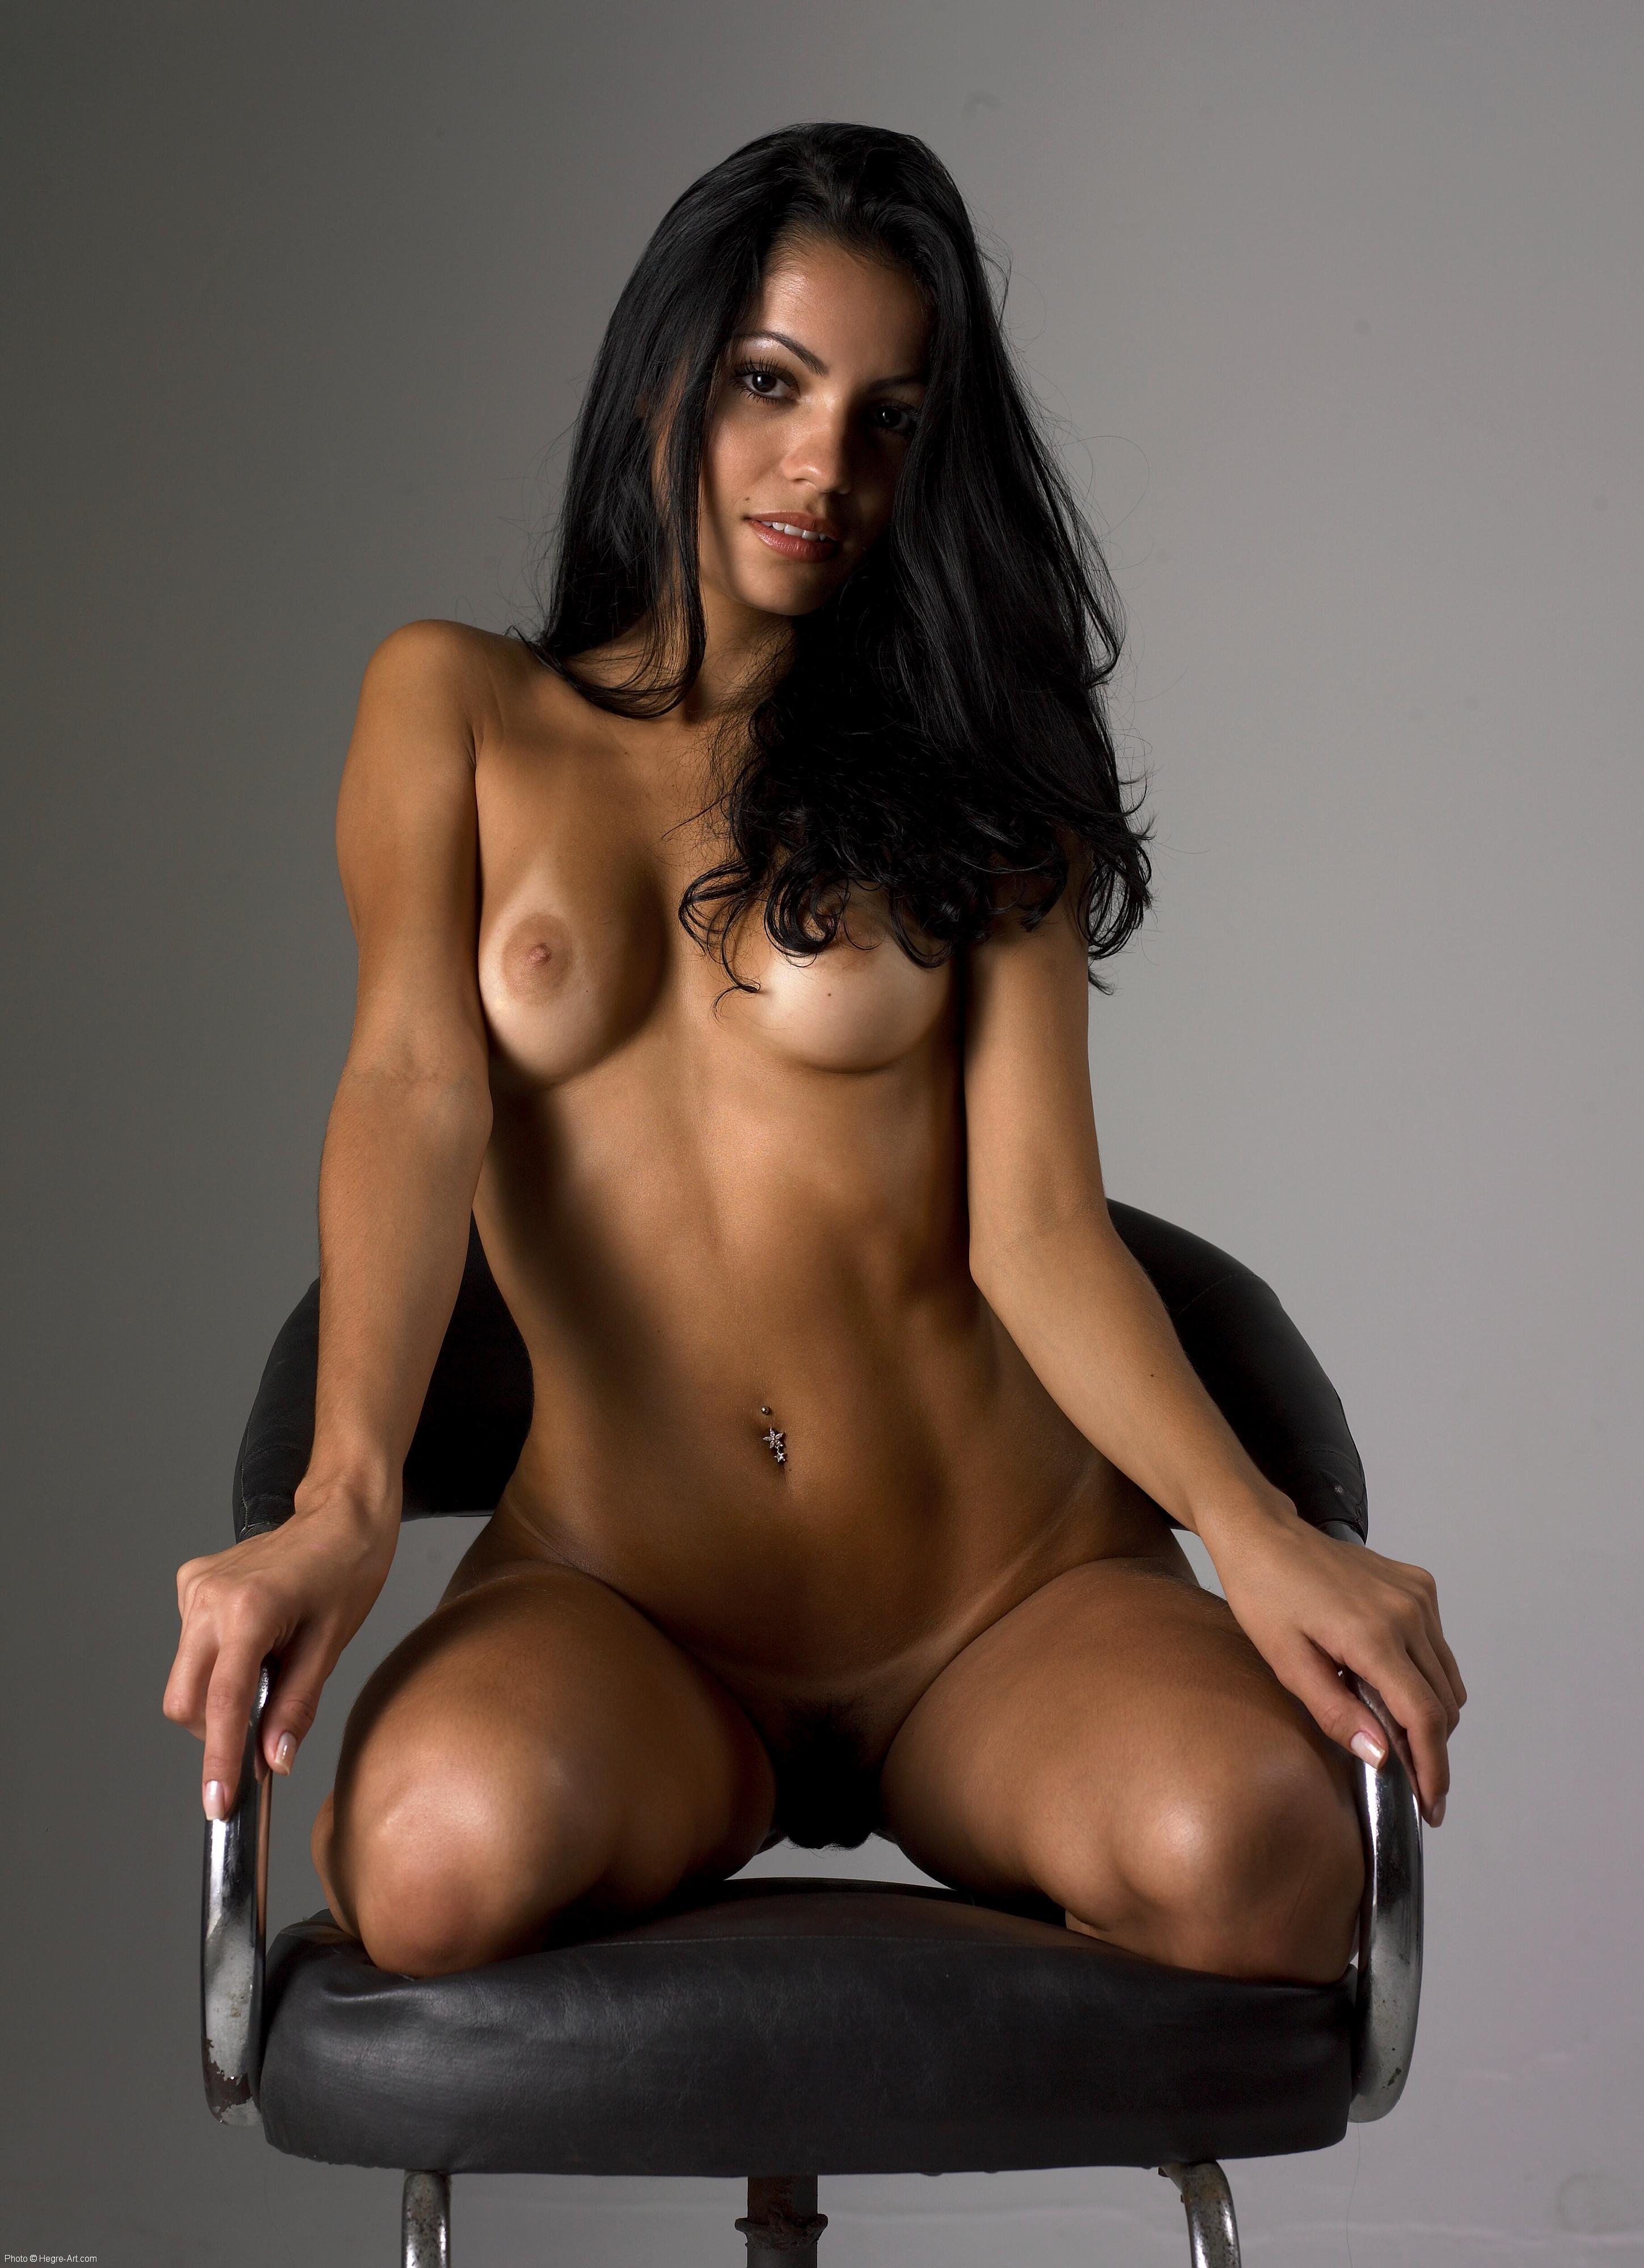 Beautiful nude brazilian girls